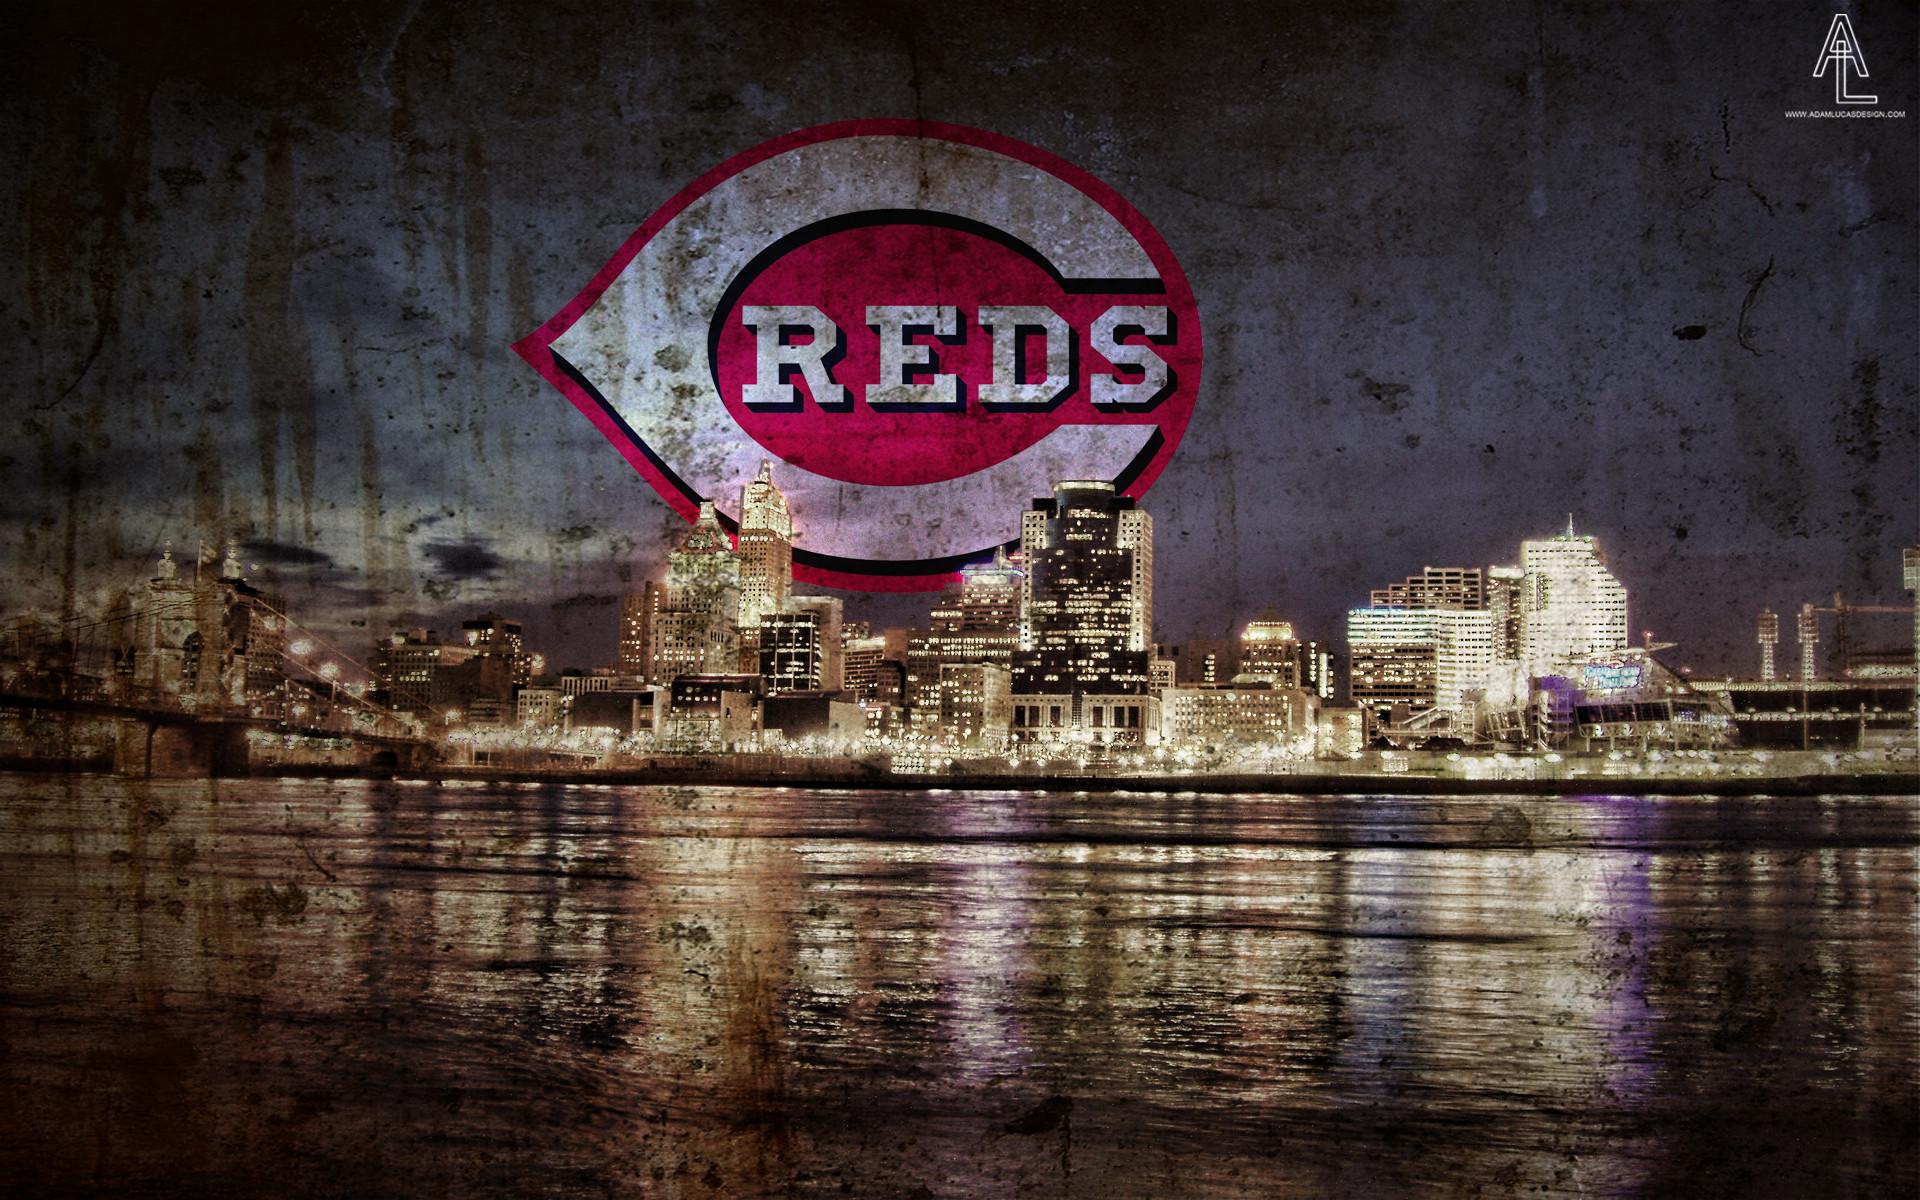 Cincinnati Reds Iphone Wallpaper High Definition